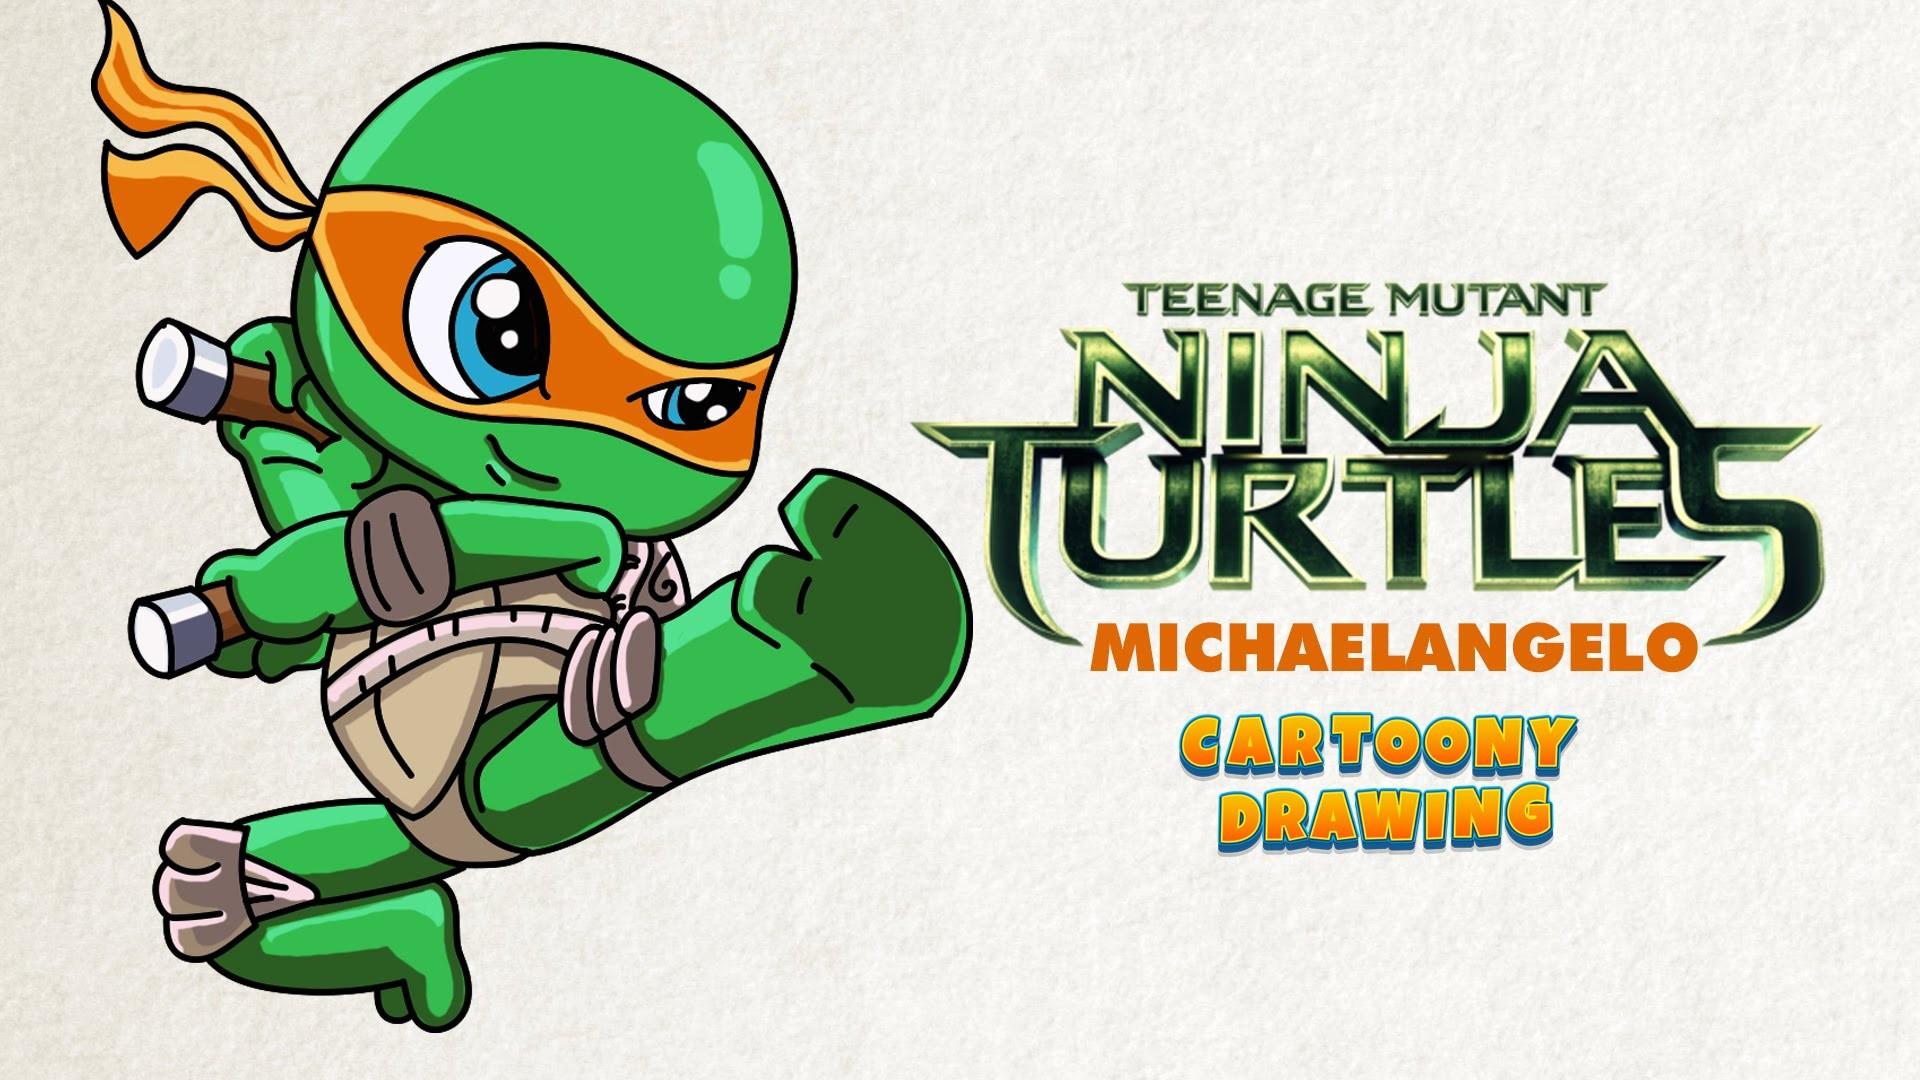 Ninja turtle - Michaelangelo - How to draw in five minutes